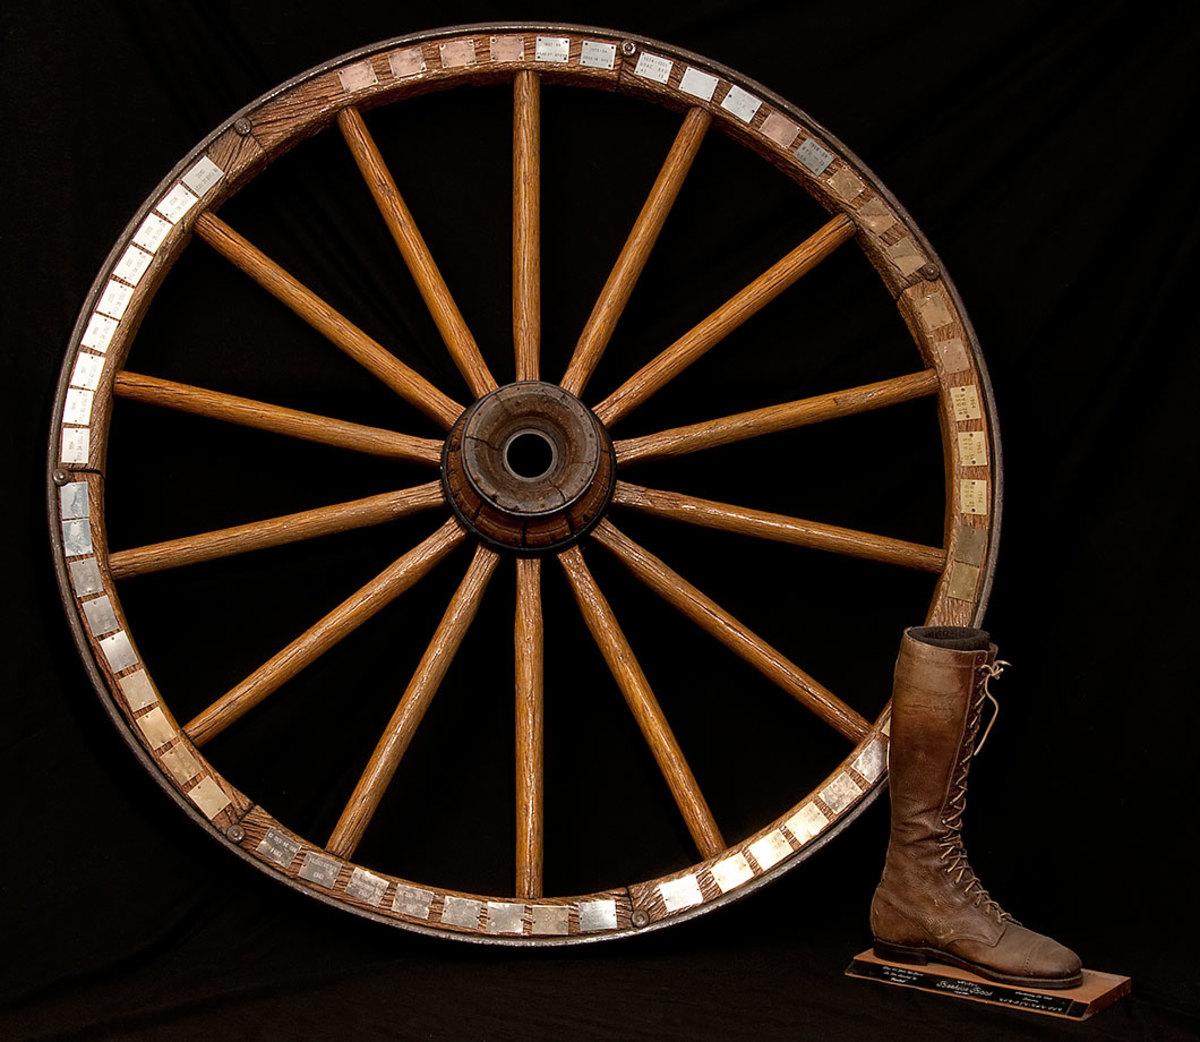 Wagon-Wheel-Beehive-Boot-BYU-Utah-Utah-State.jpg